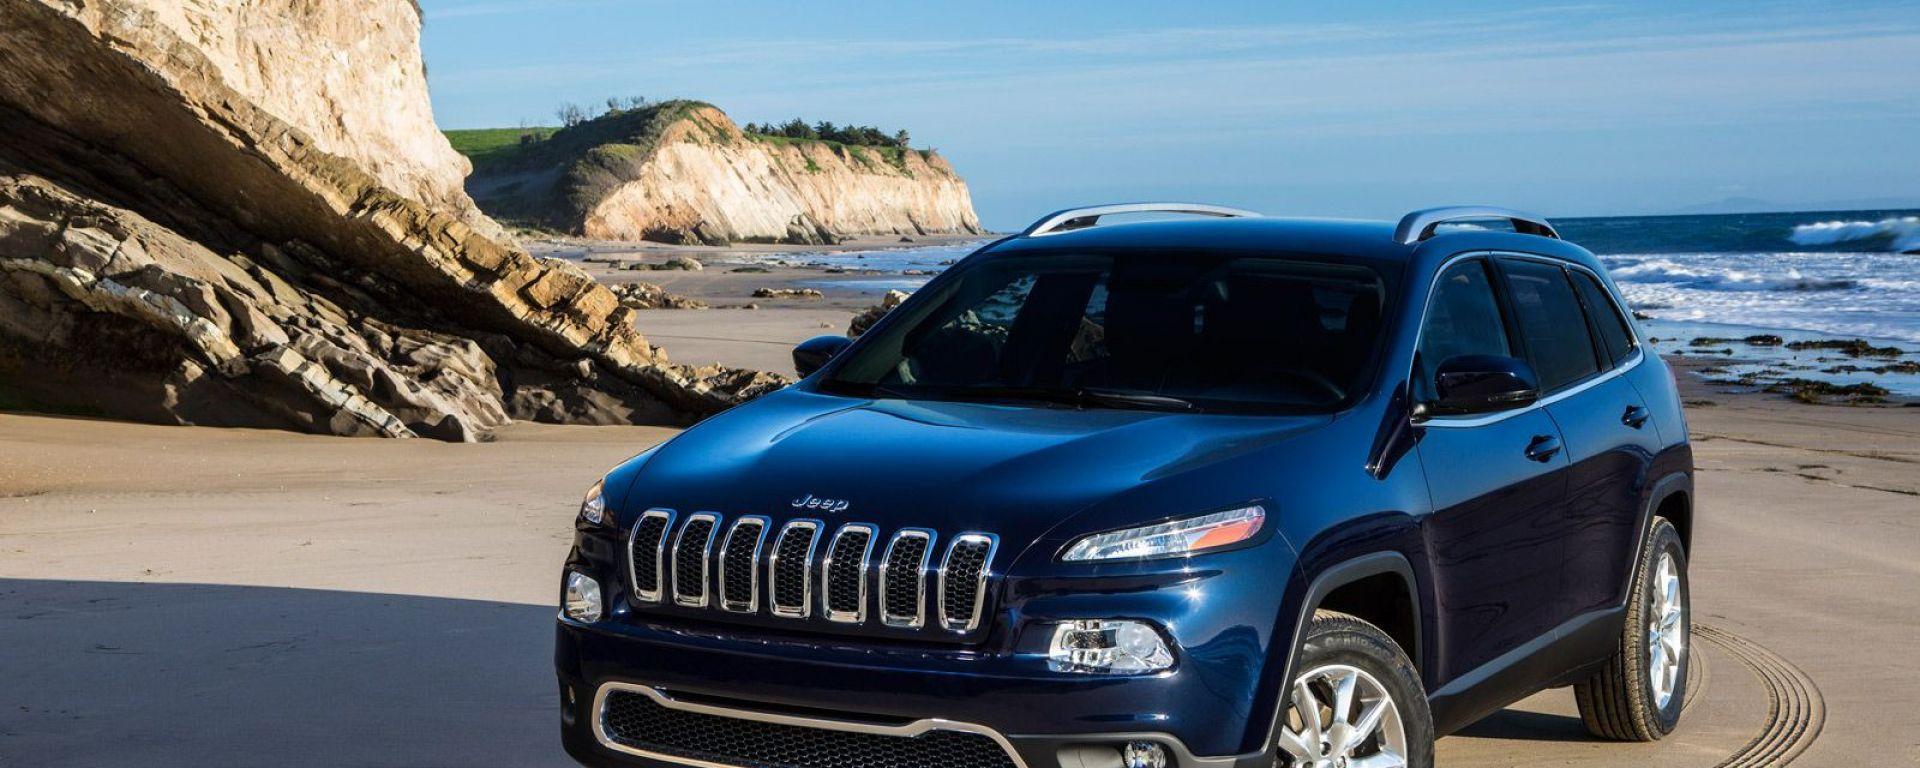 Jeep Cherokee 2014, le prime foto